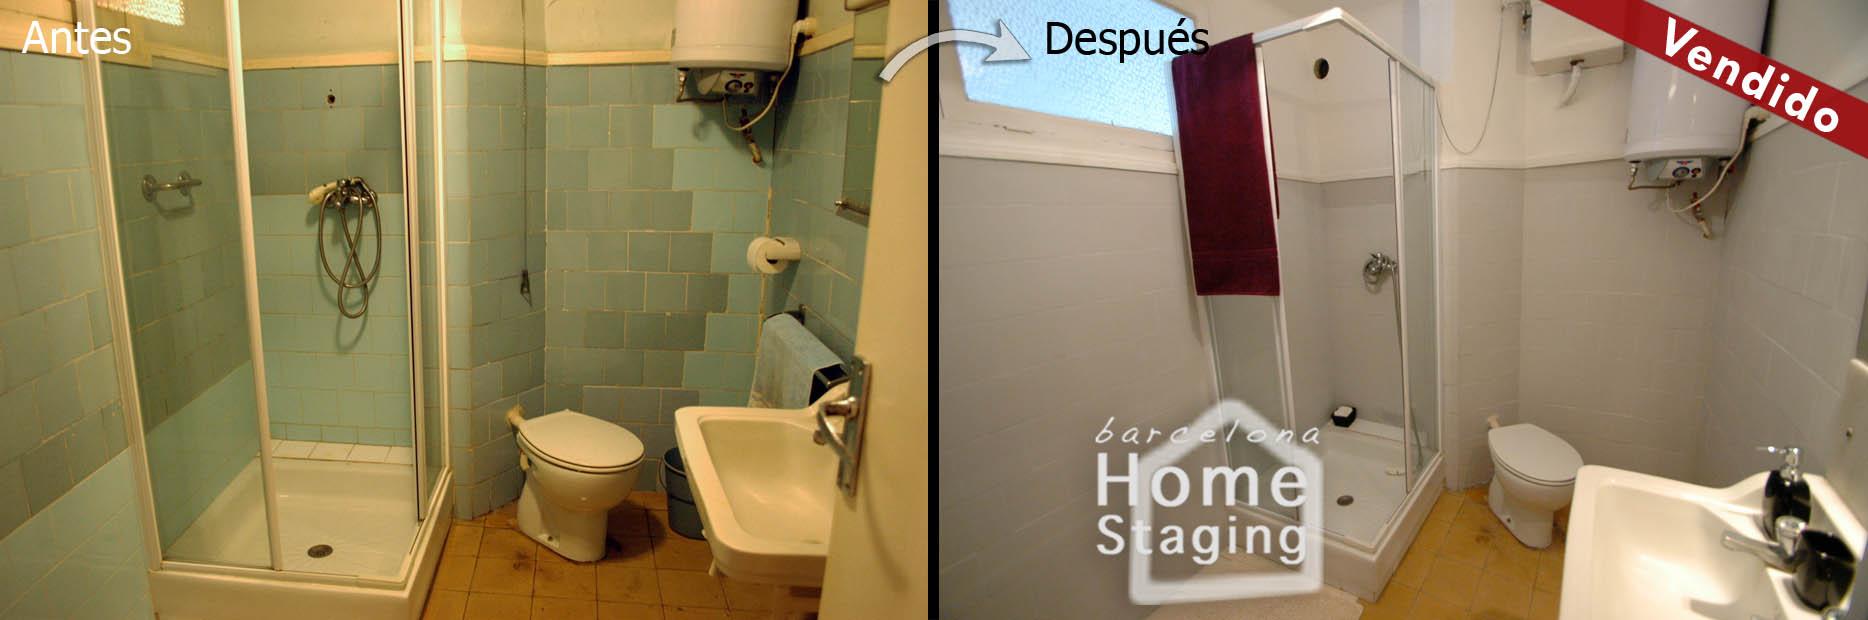 Ideas de decoraci n ba os peque os y modernos idealista - Se puede cambiar el bano de sitio en un piso ...